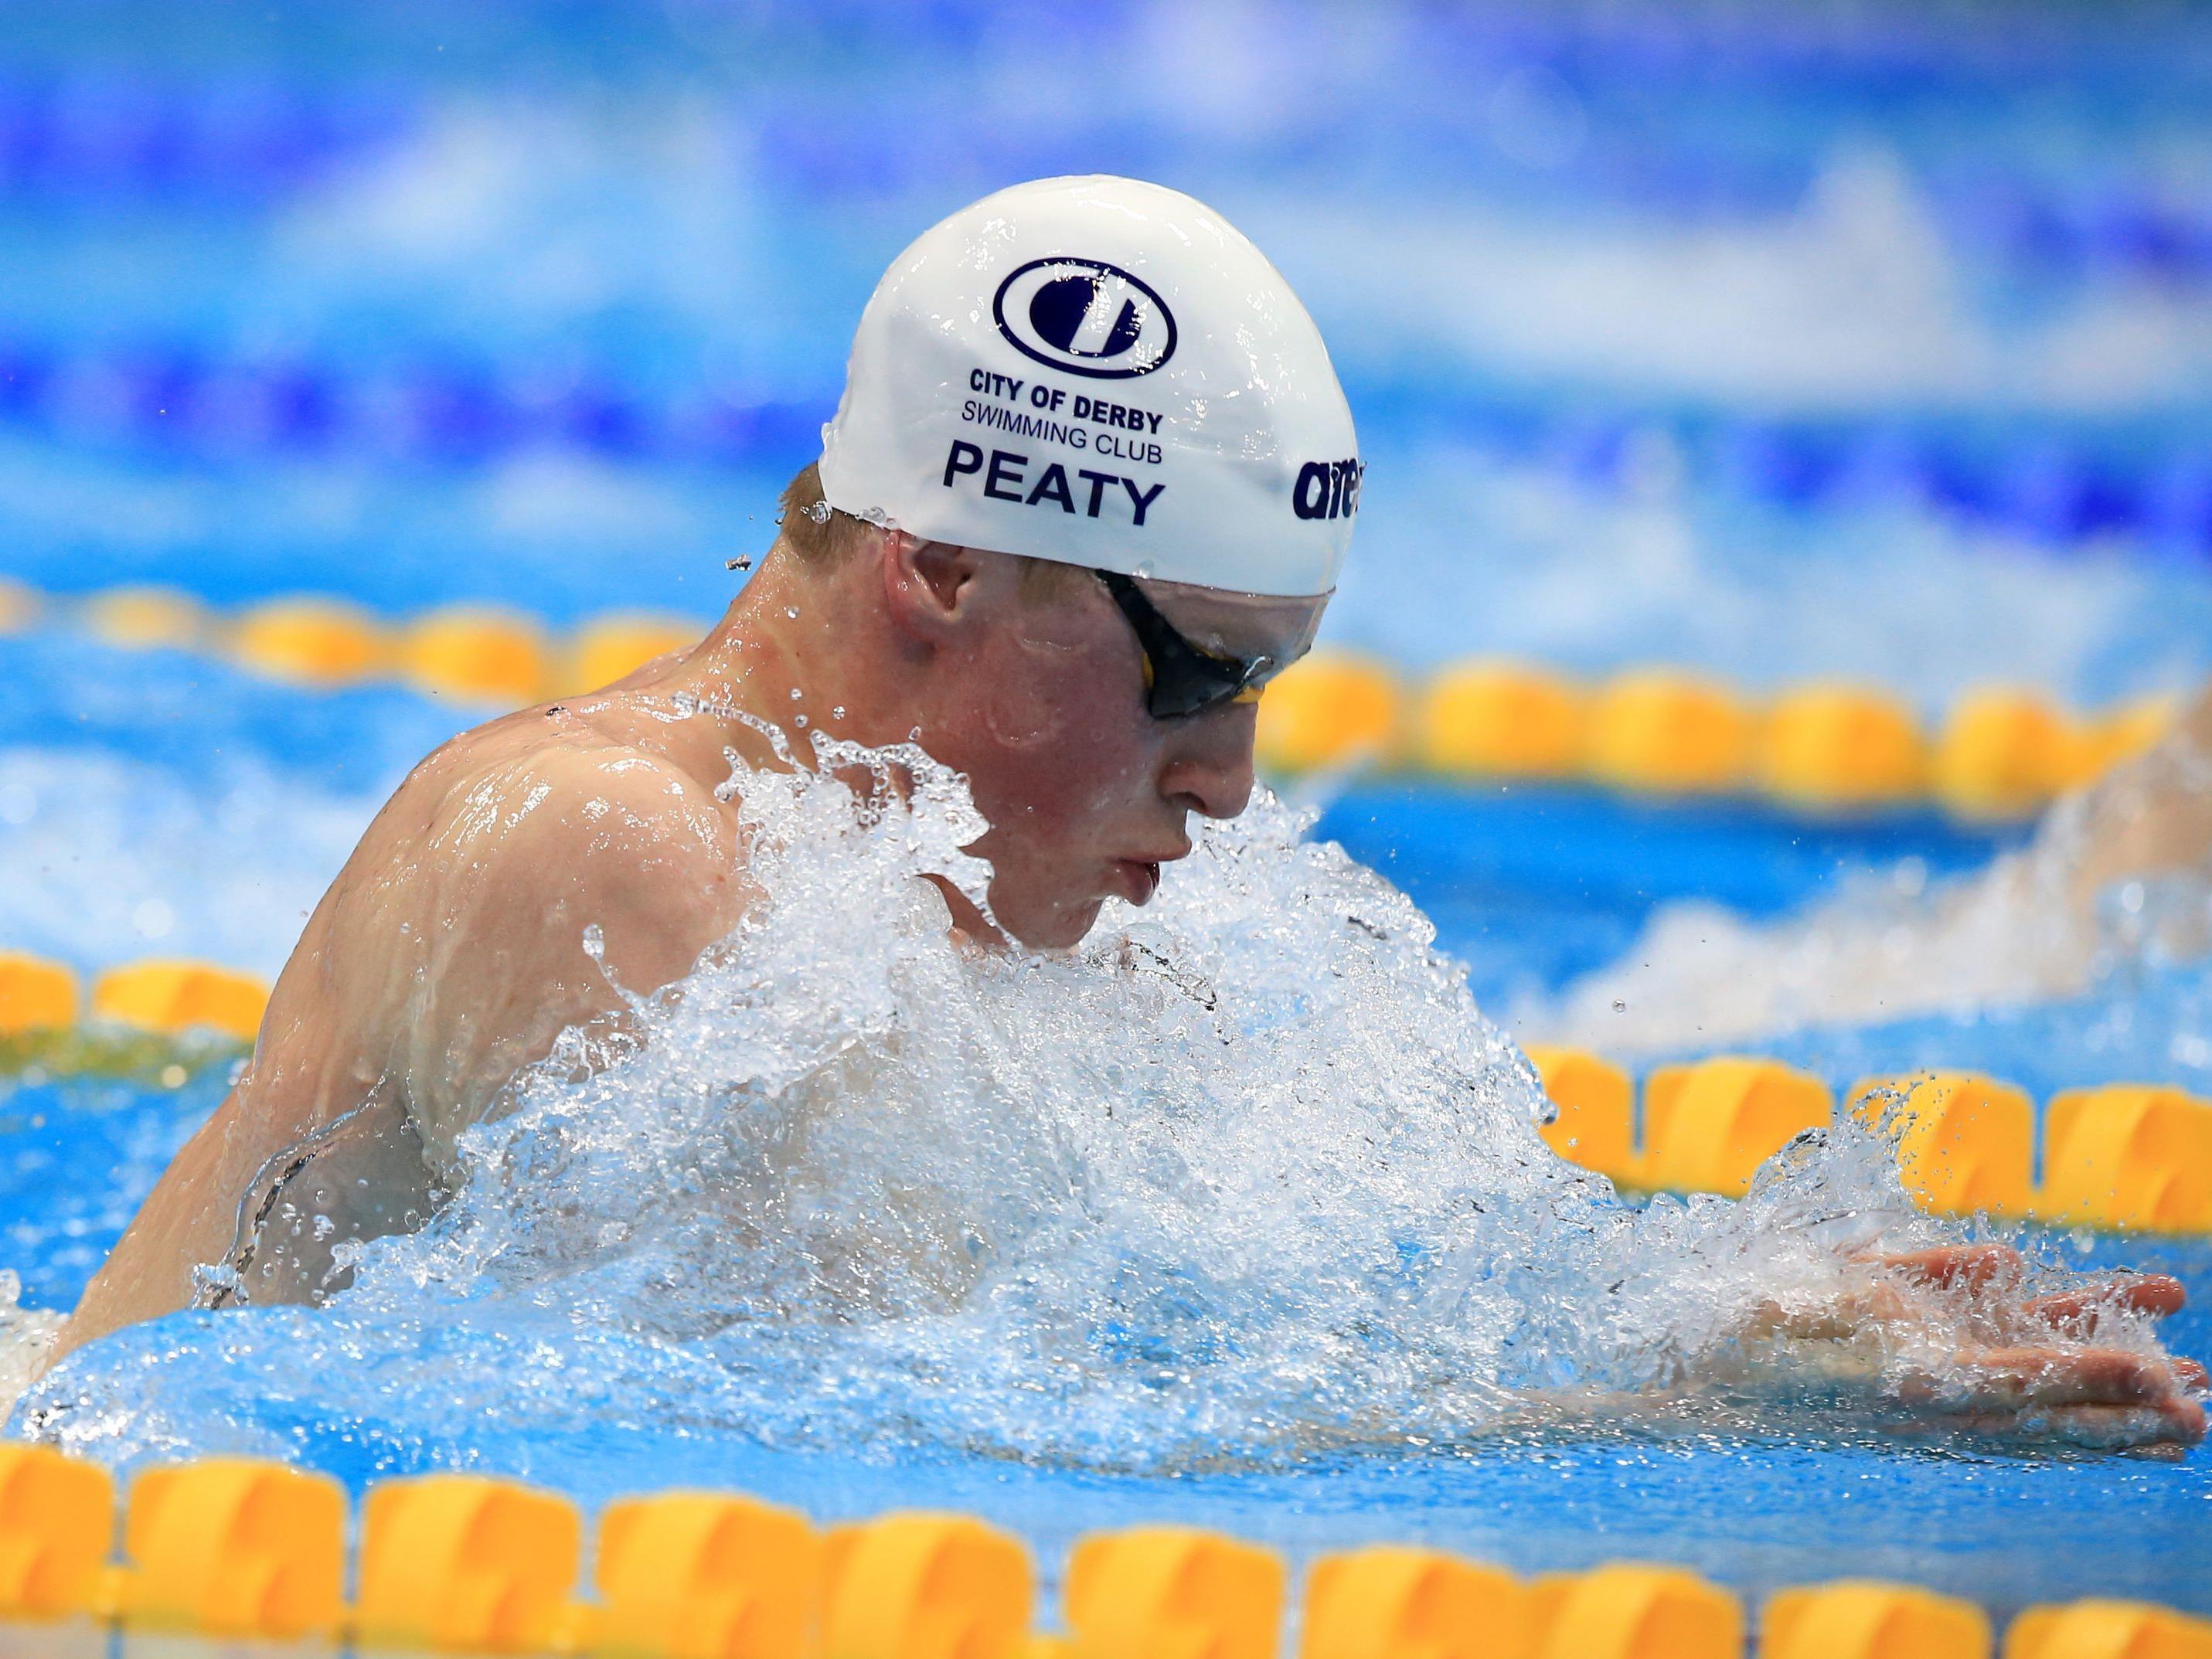 Schwimmen: Adam Peaty über 100 m Brust mit Weltrekord.